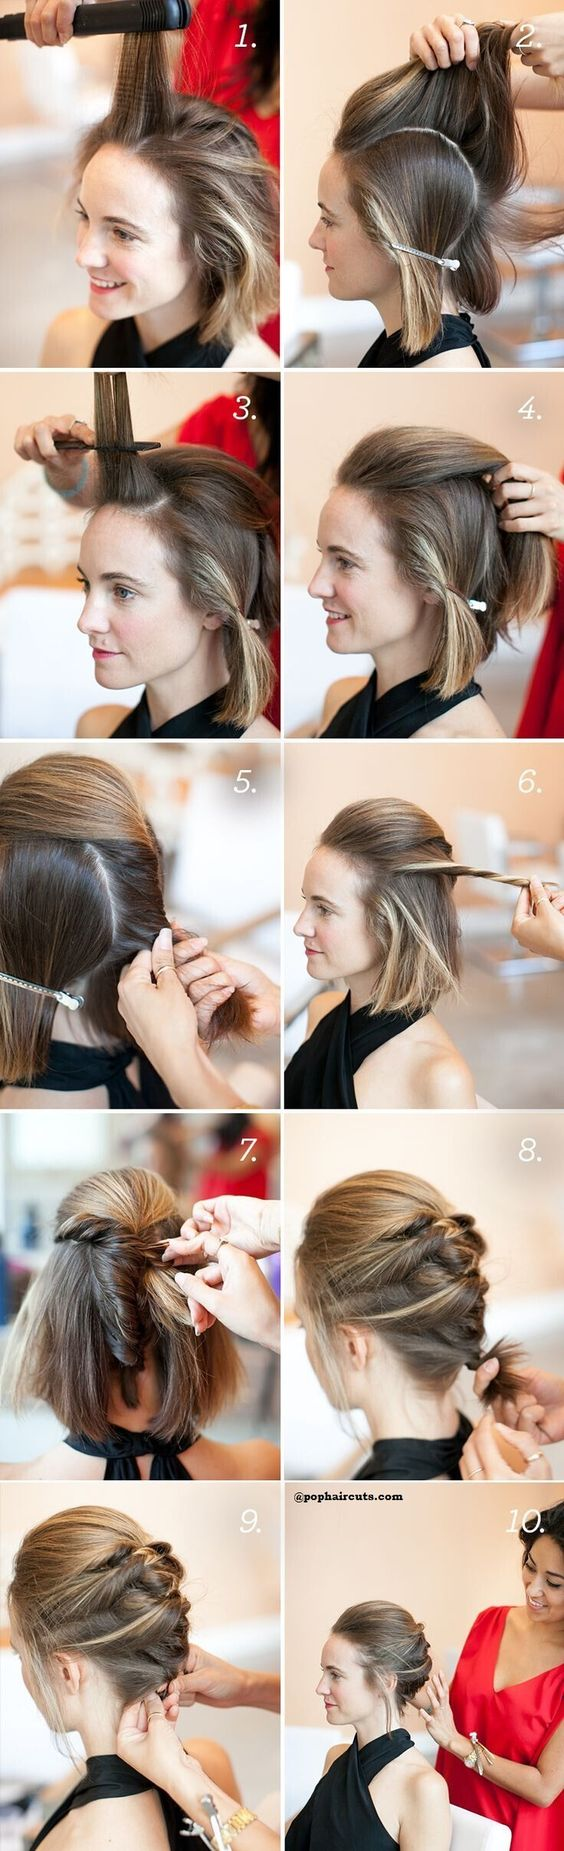 15 Tutoriels Pour Cheveux Courts Coiffure Pinterest